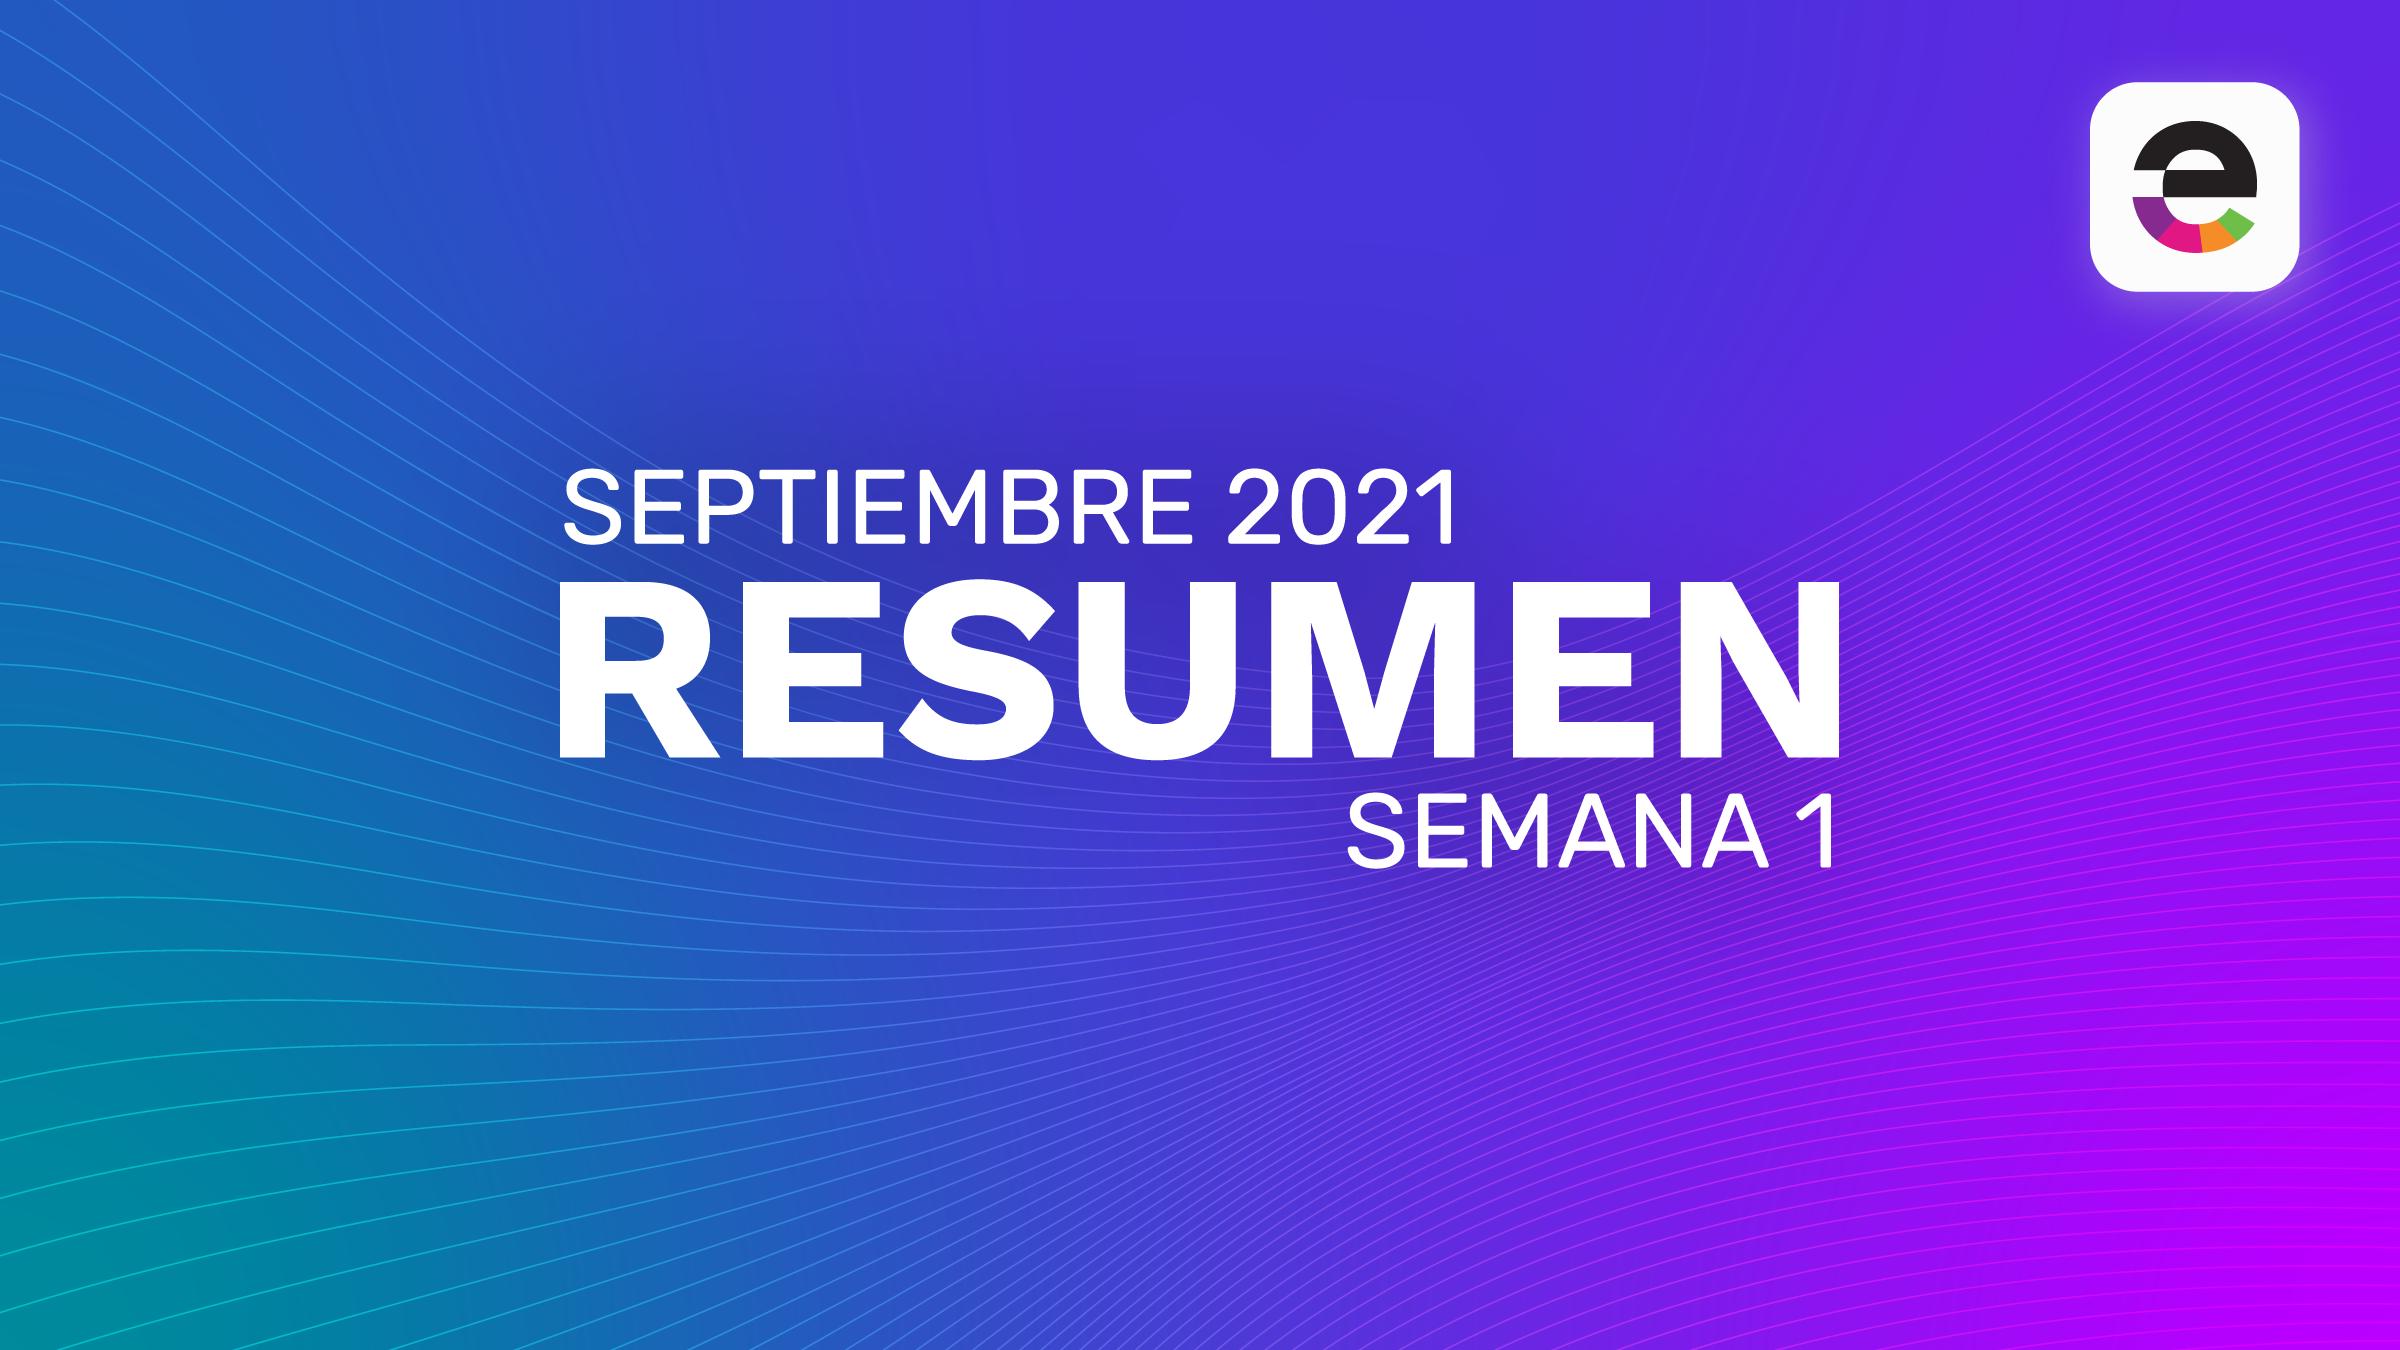 Resumen Septiembre 2021: Semana 1